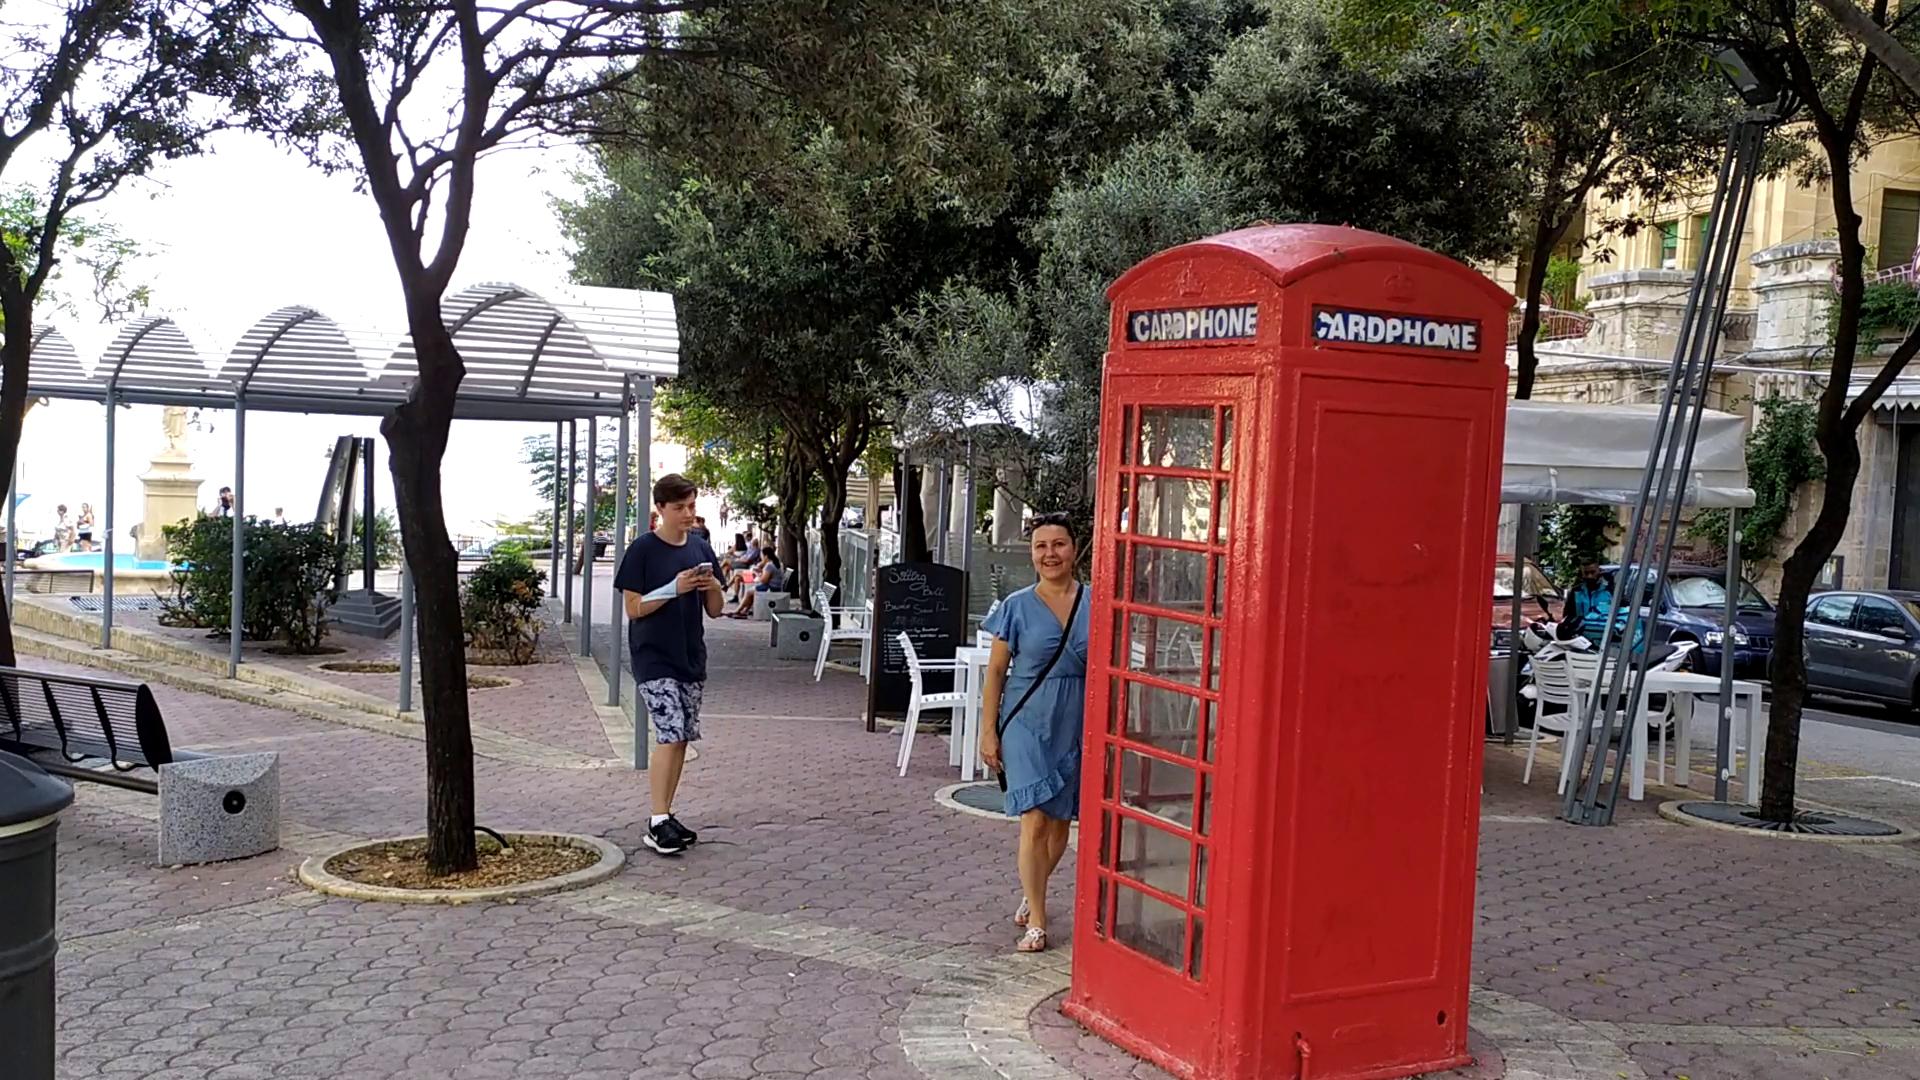 cardphone_malta